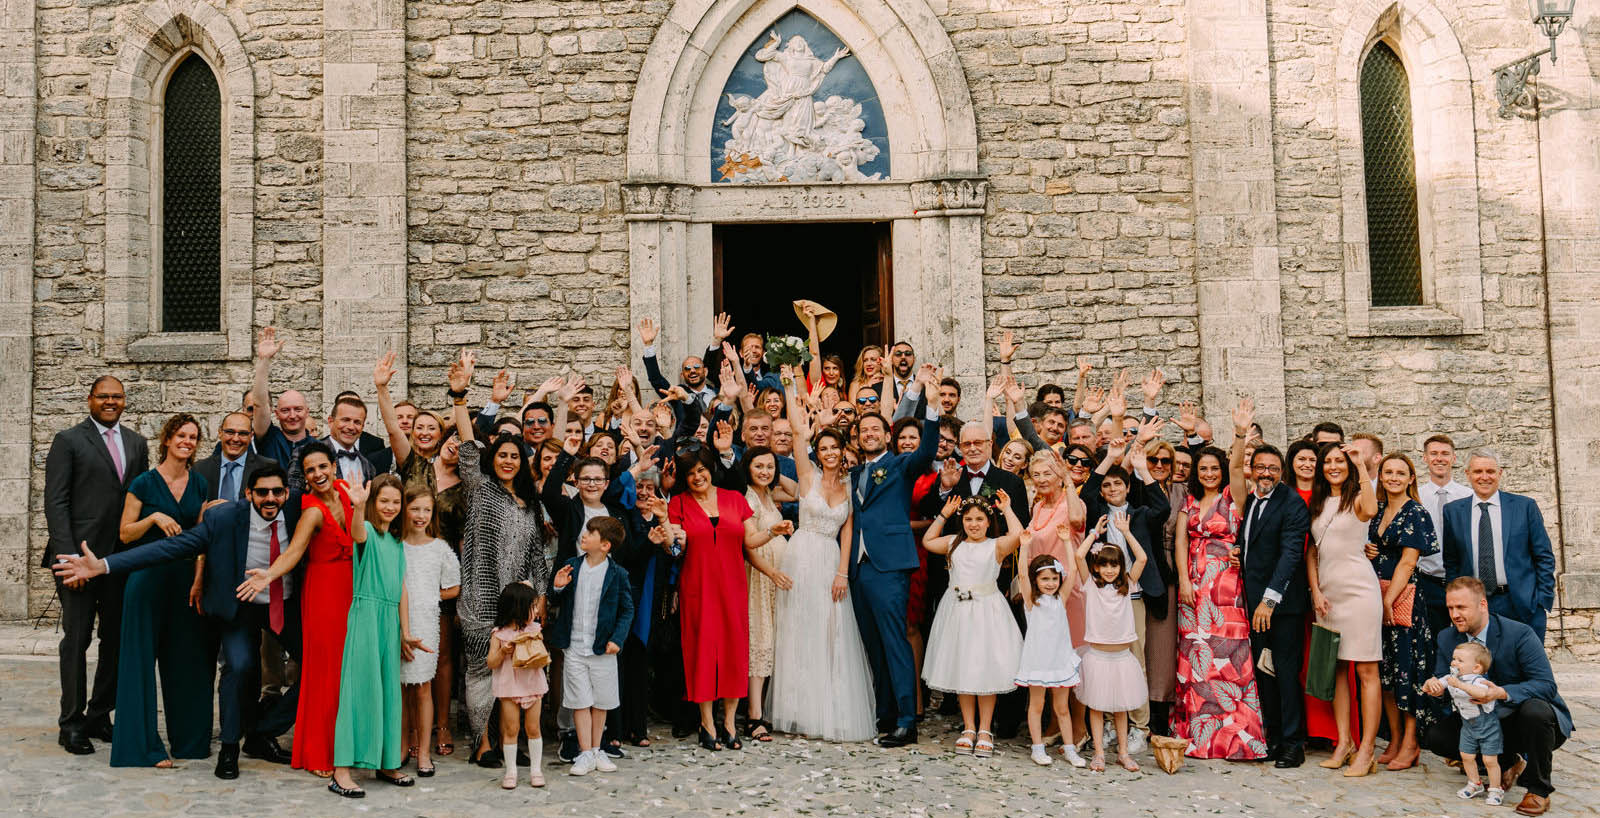 ślub za granicą - włoskie wesele i radosne zdjęcie grupowe z młodą para - Luke Sezeck